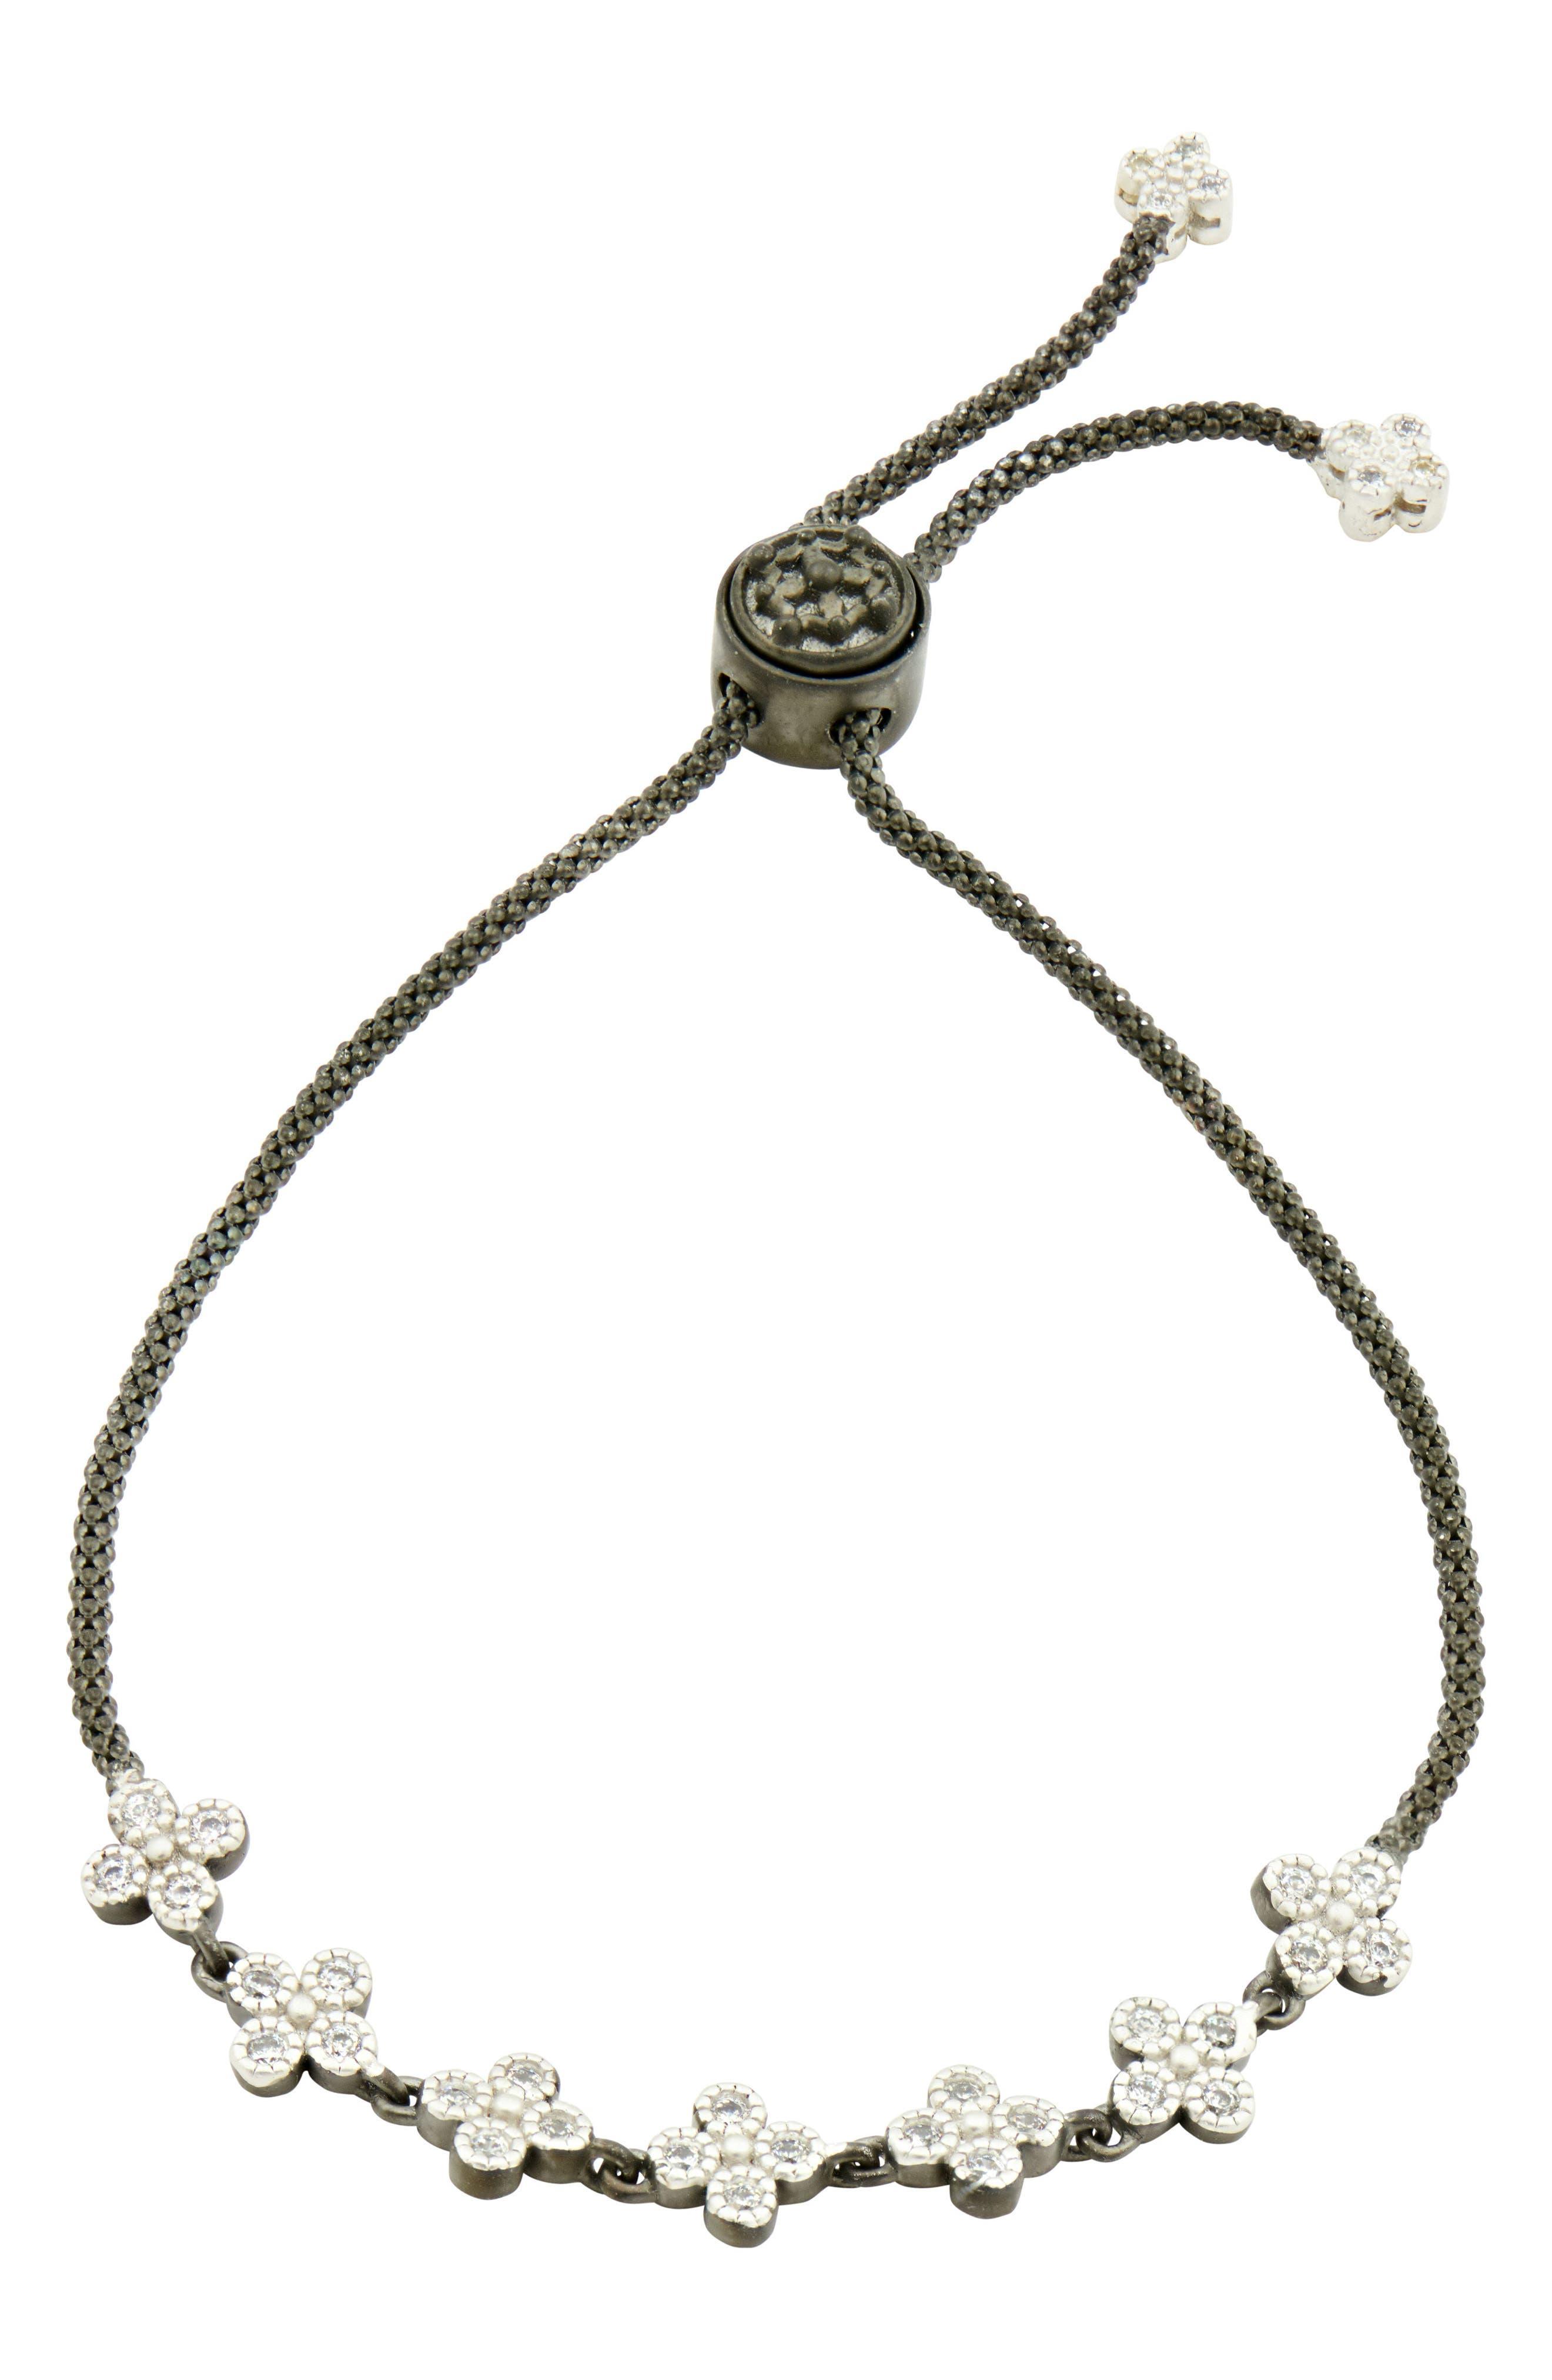 Signature Clover Adjustable Bracelet,                             Main thumbnail 1, color,                             BLACK/ SILVER